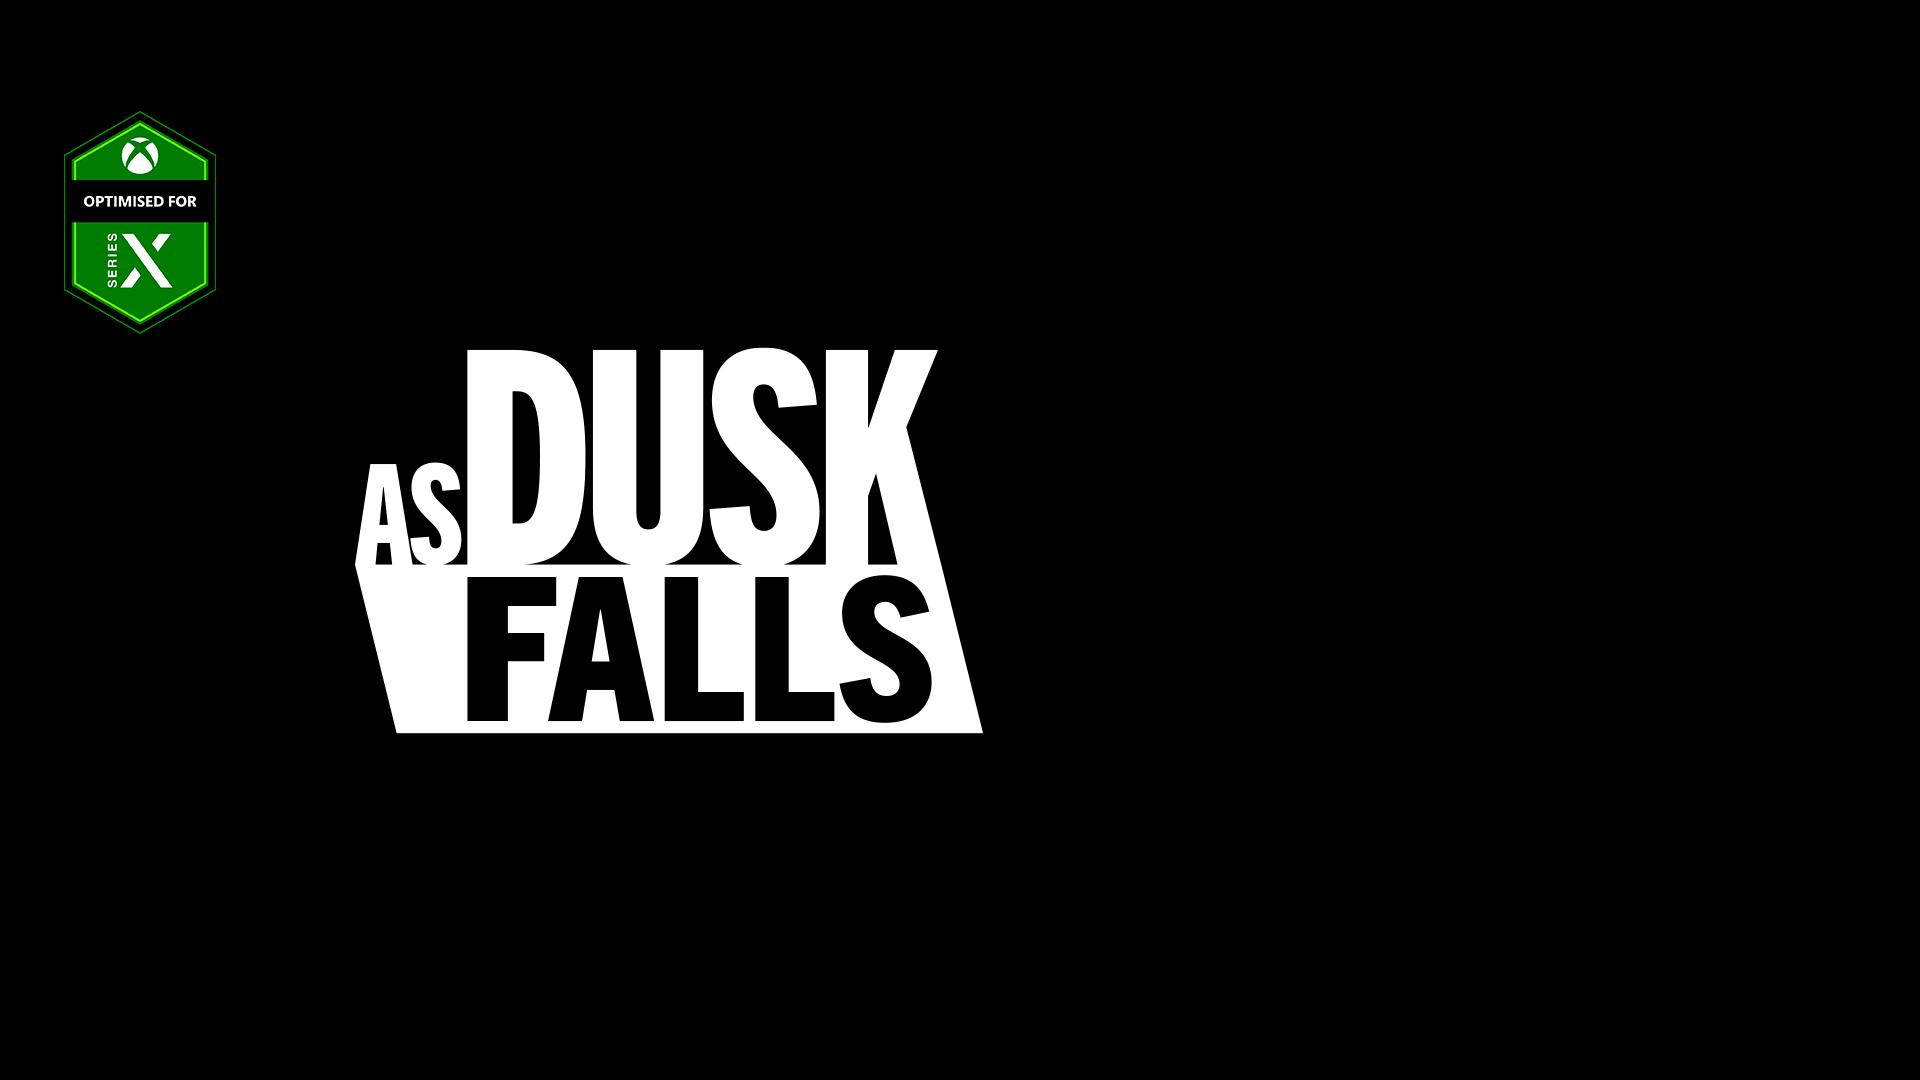 Optimised for Series X logo, As Dusk Falls